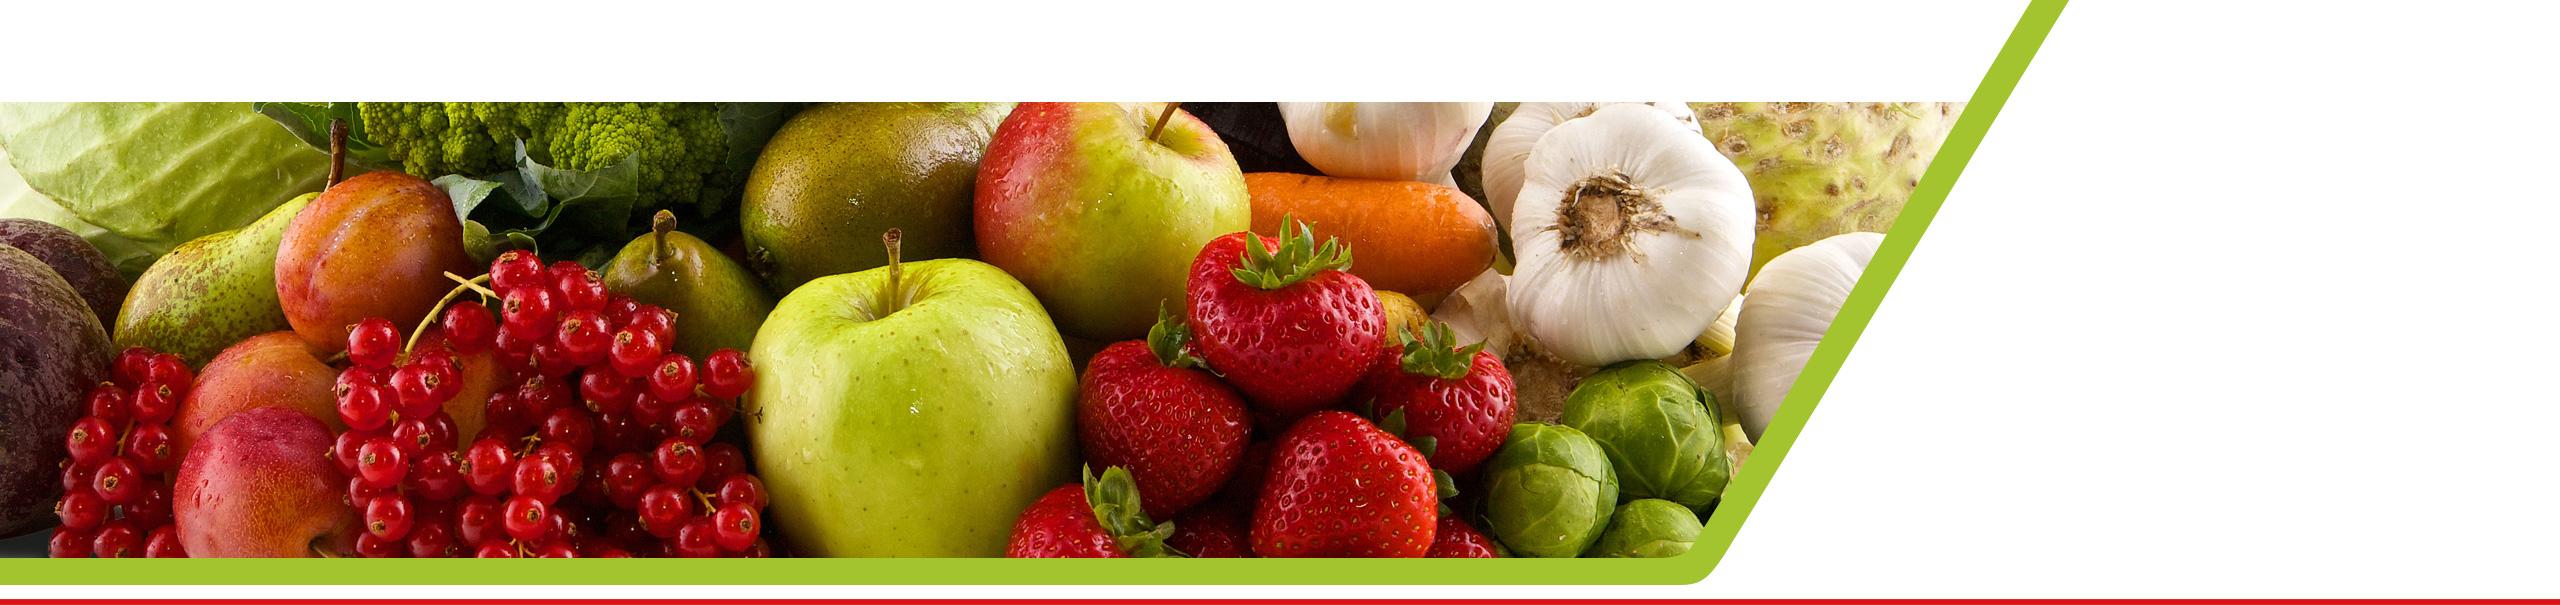 banner-fruit